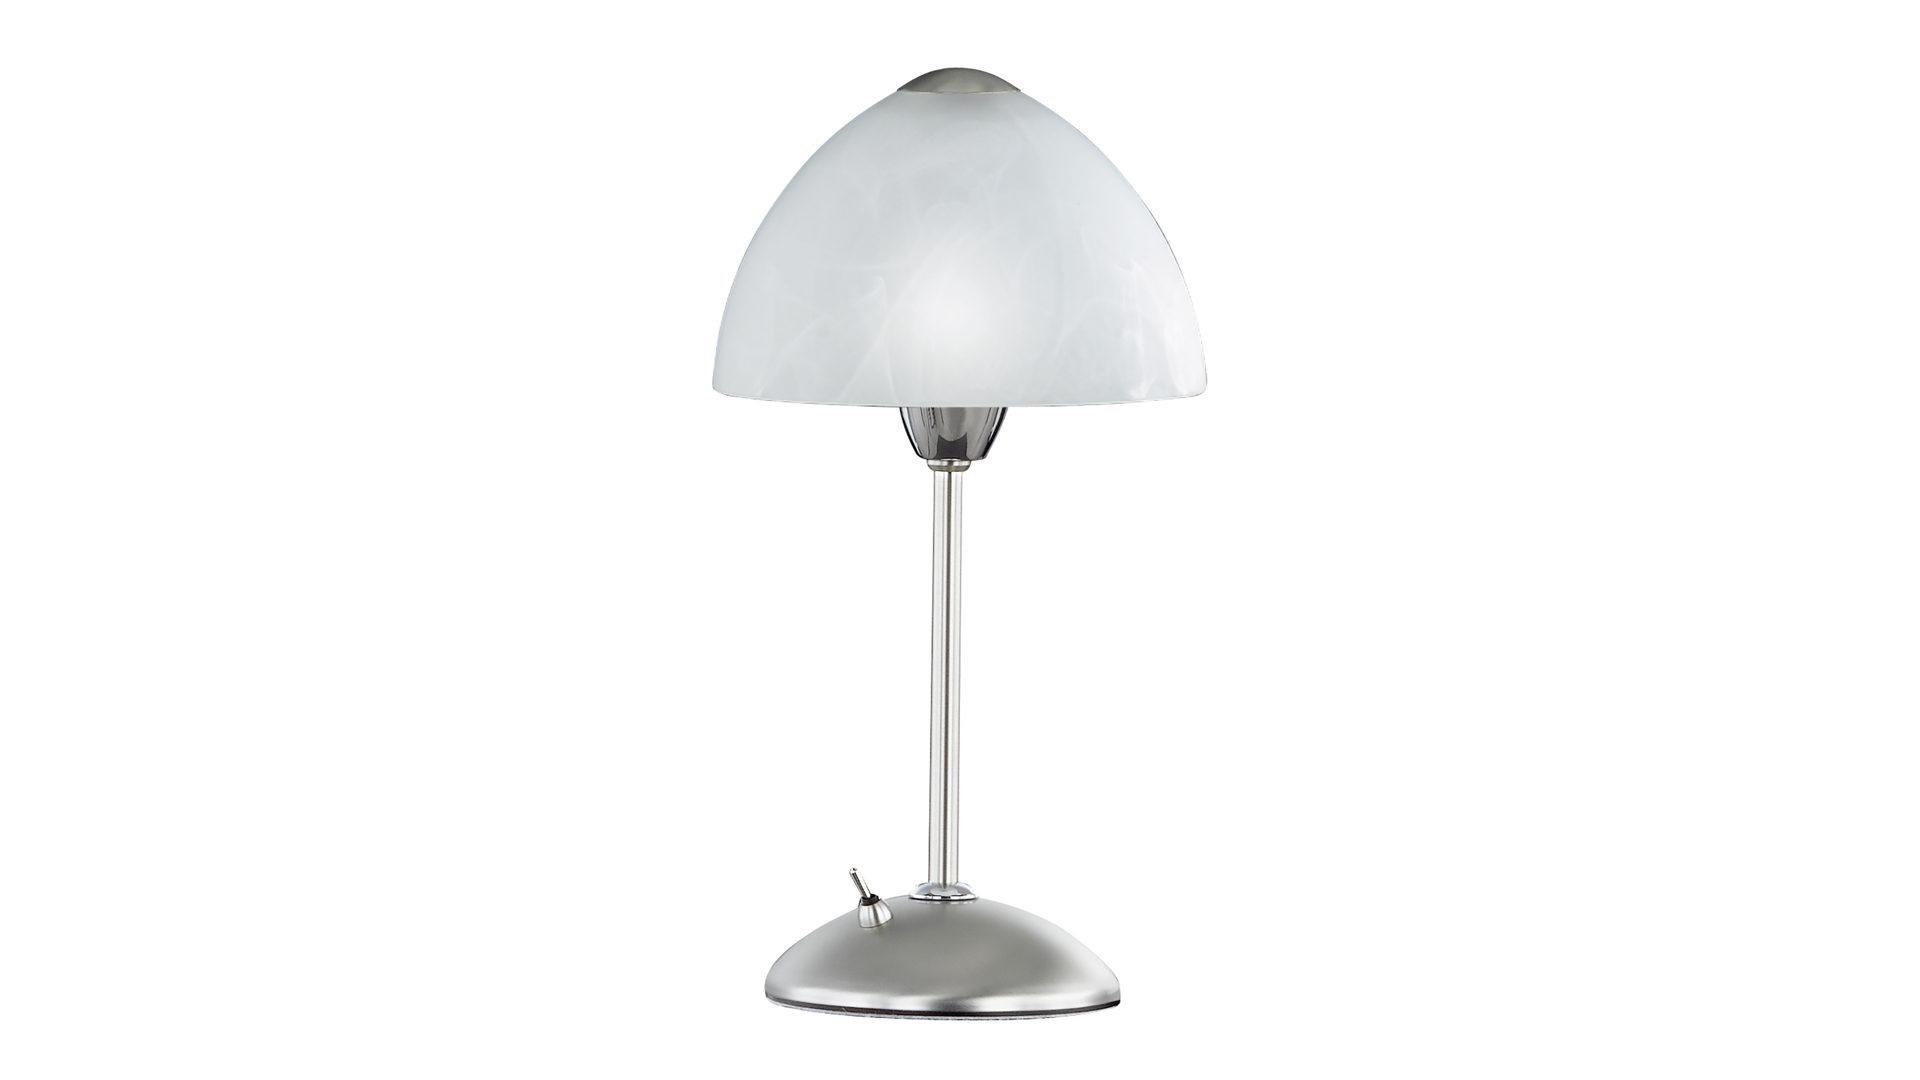 Tischleuchte Amsterdam Bzw Tischlampe Nickel Matt